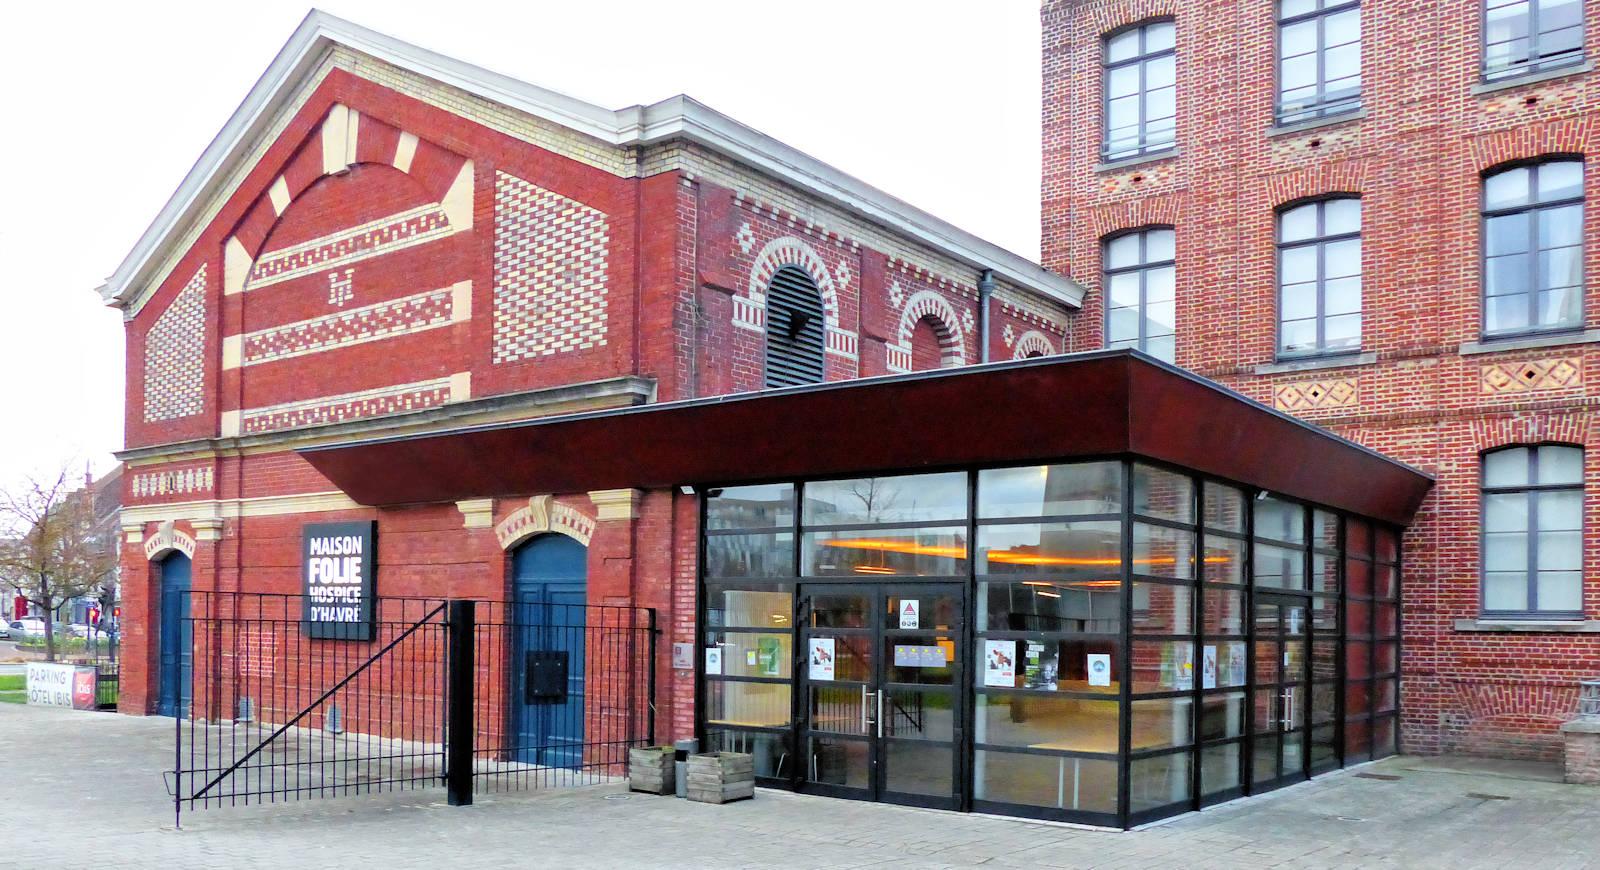 Le Hall d'entrée de la salle de spectacle et la salle elle-même en arrière plan